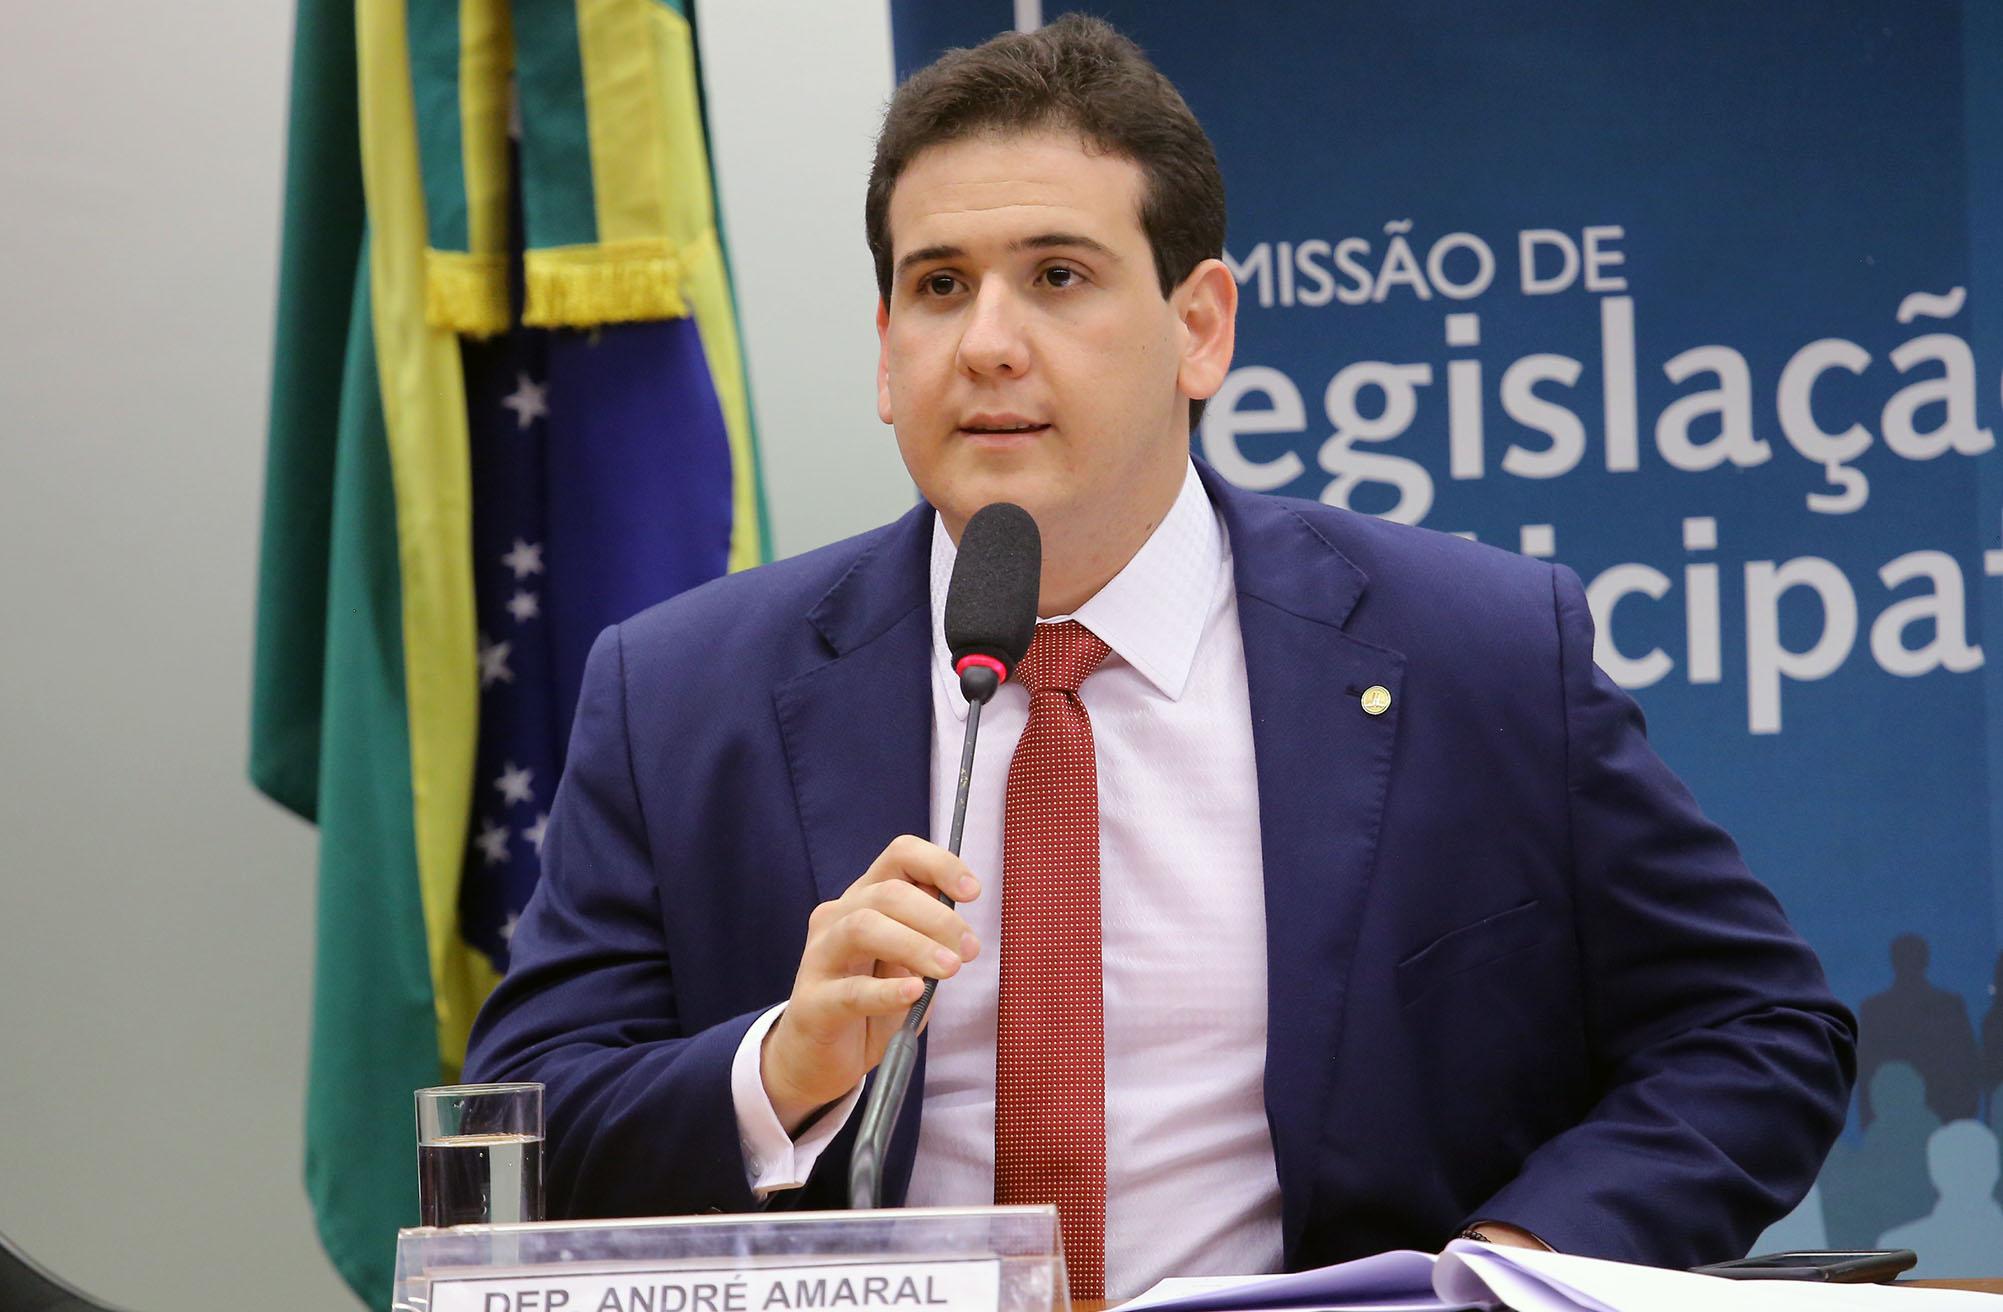 Audiência pública para debater sobre a situação financeira dos Municípios. Dep. André Amaral (PMDB - PB)